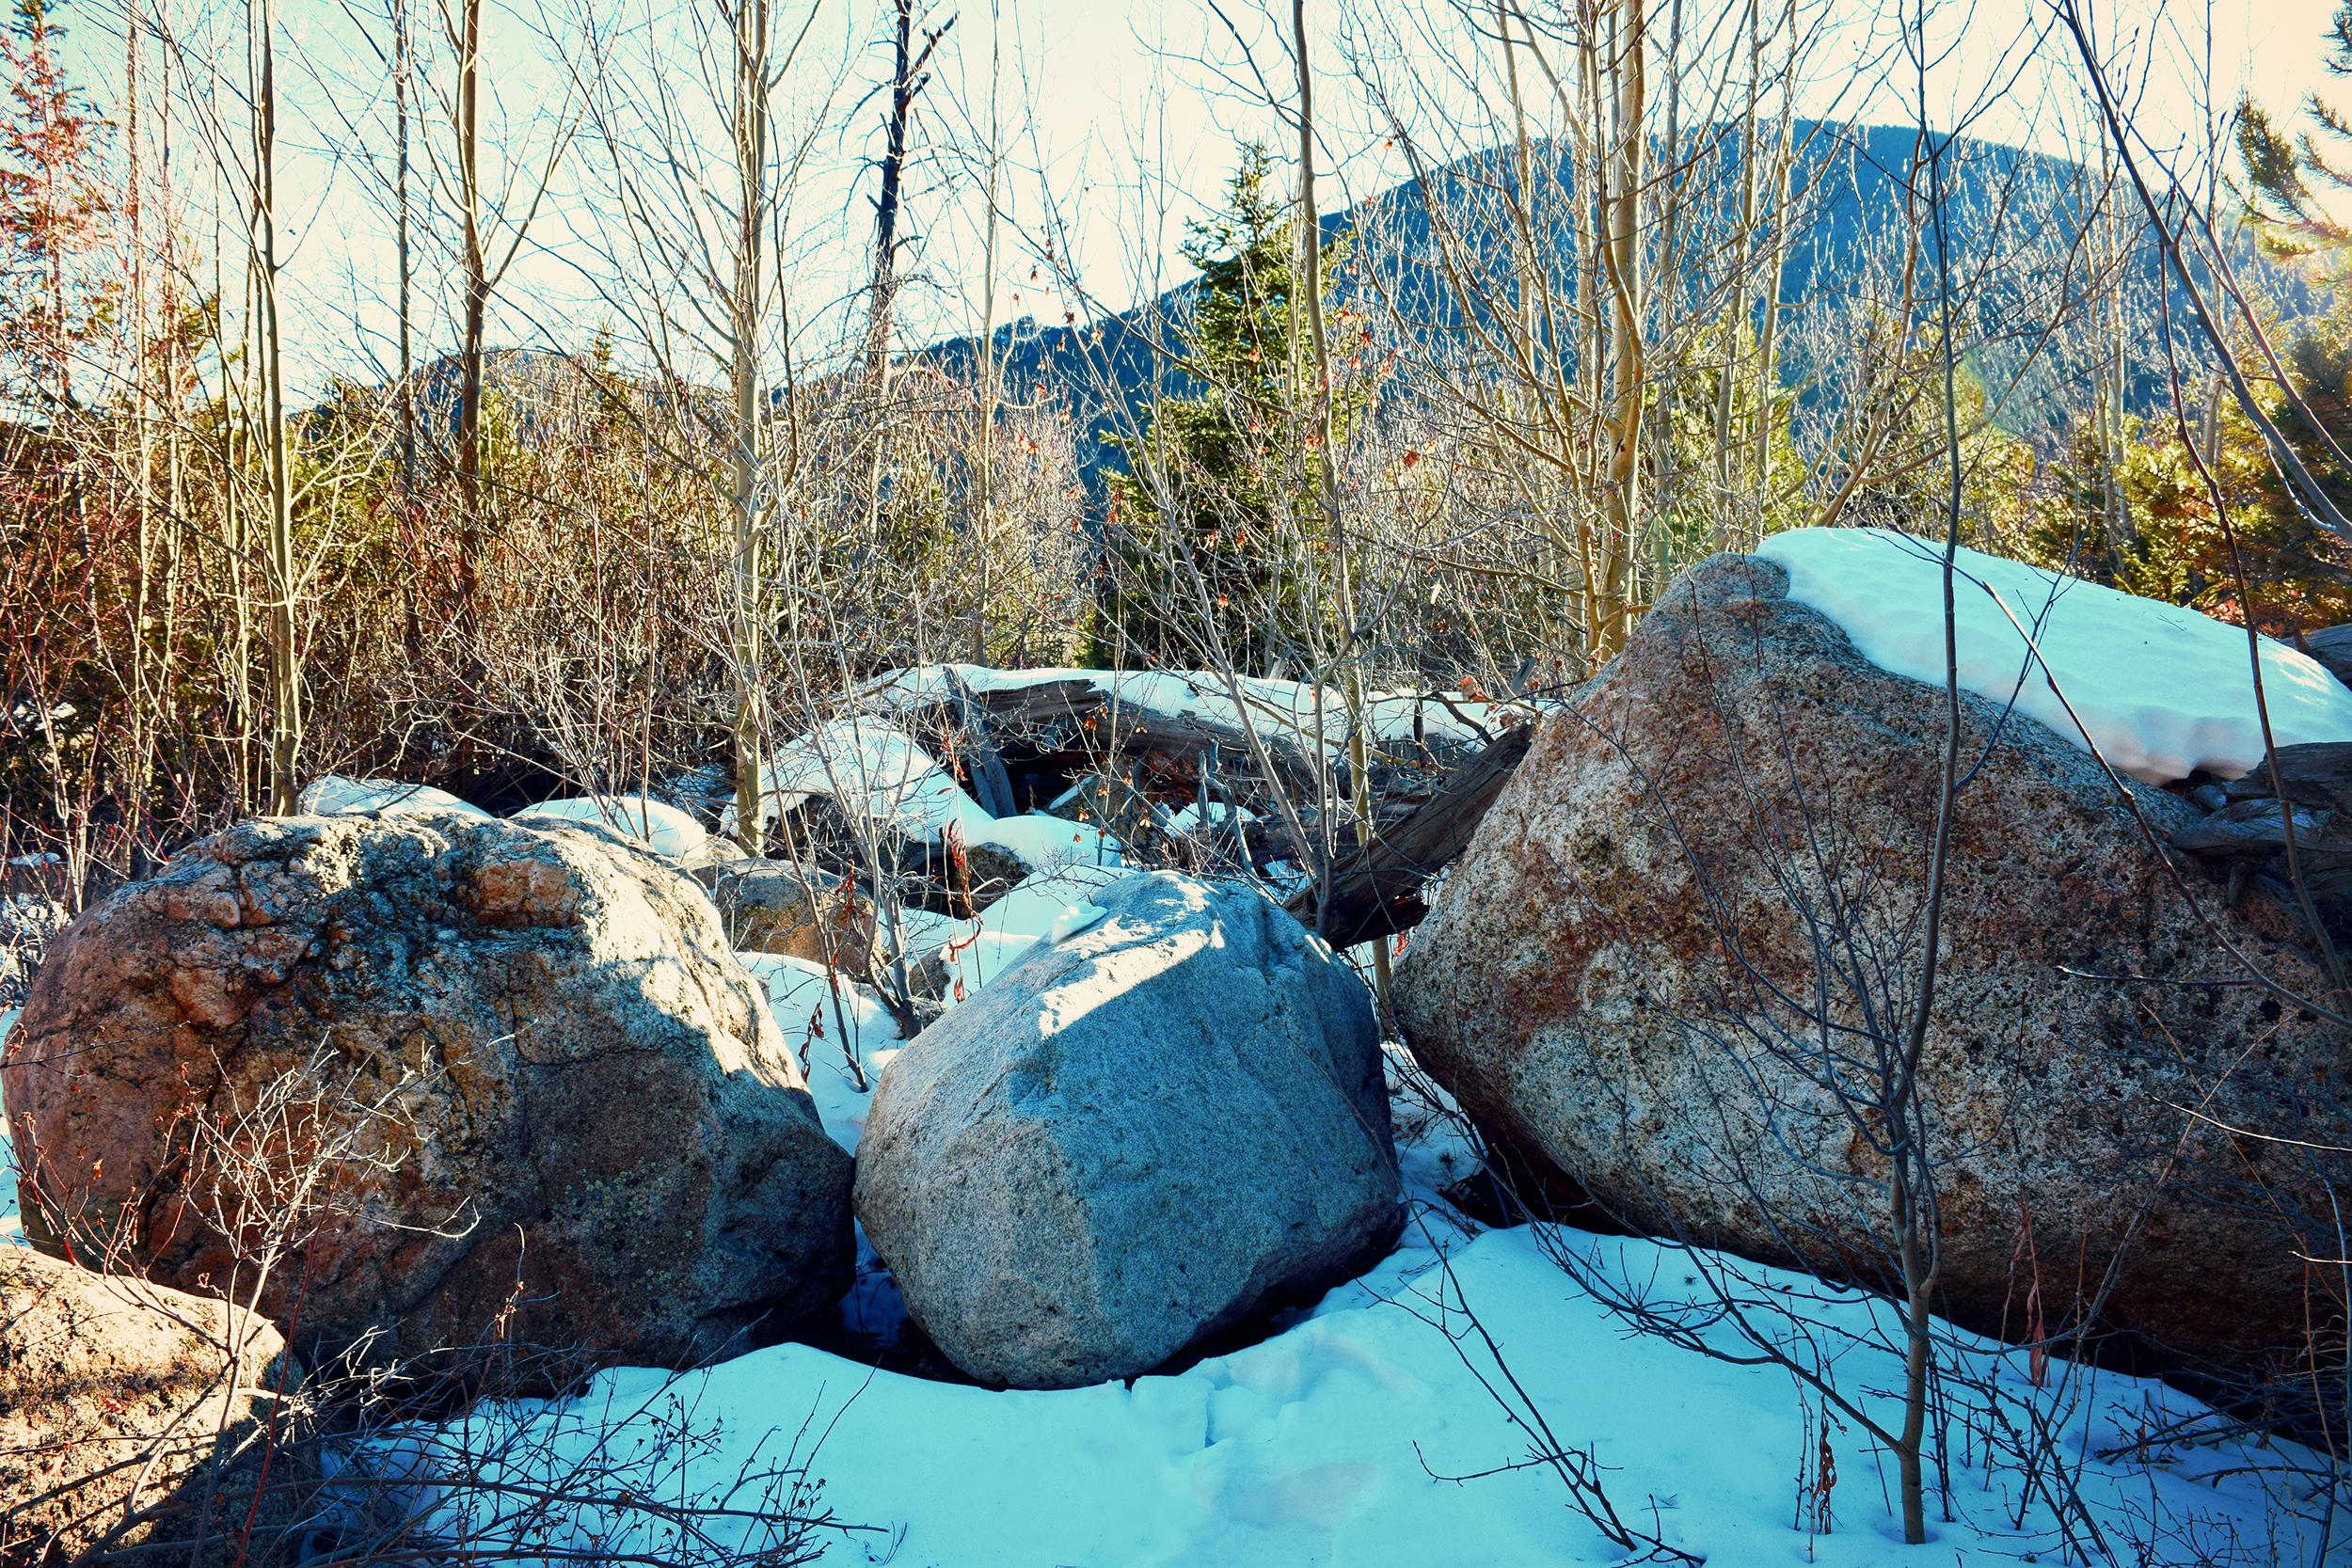 boulders_in_snow.jpg